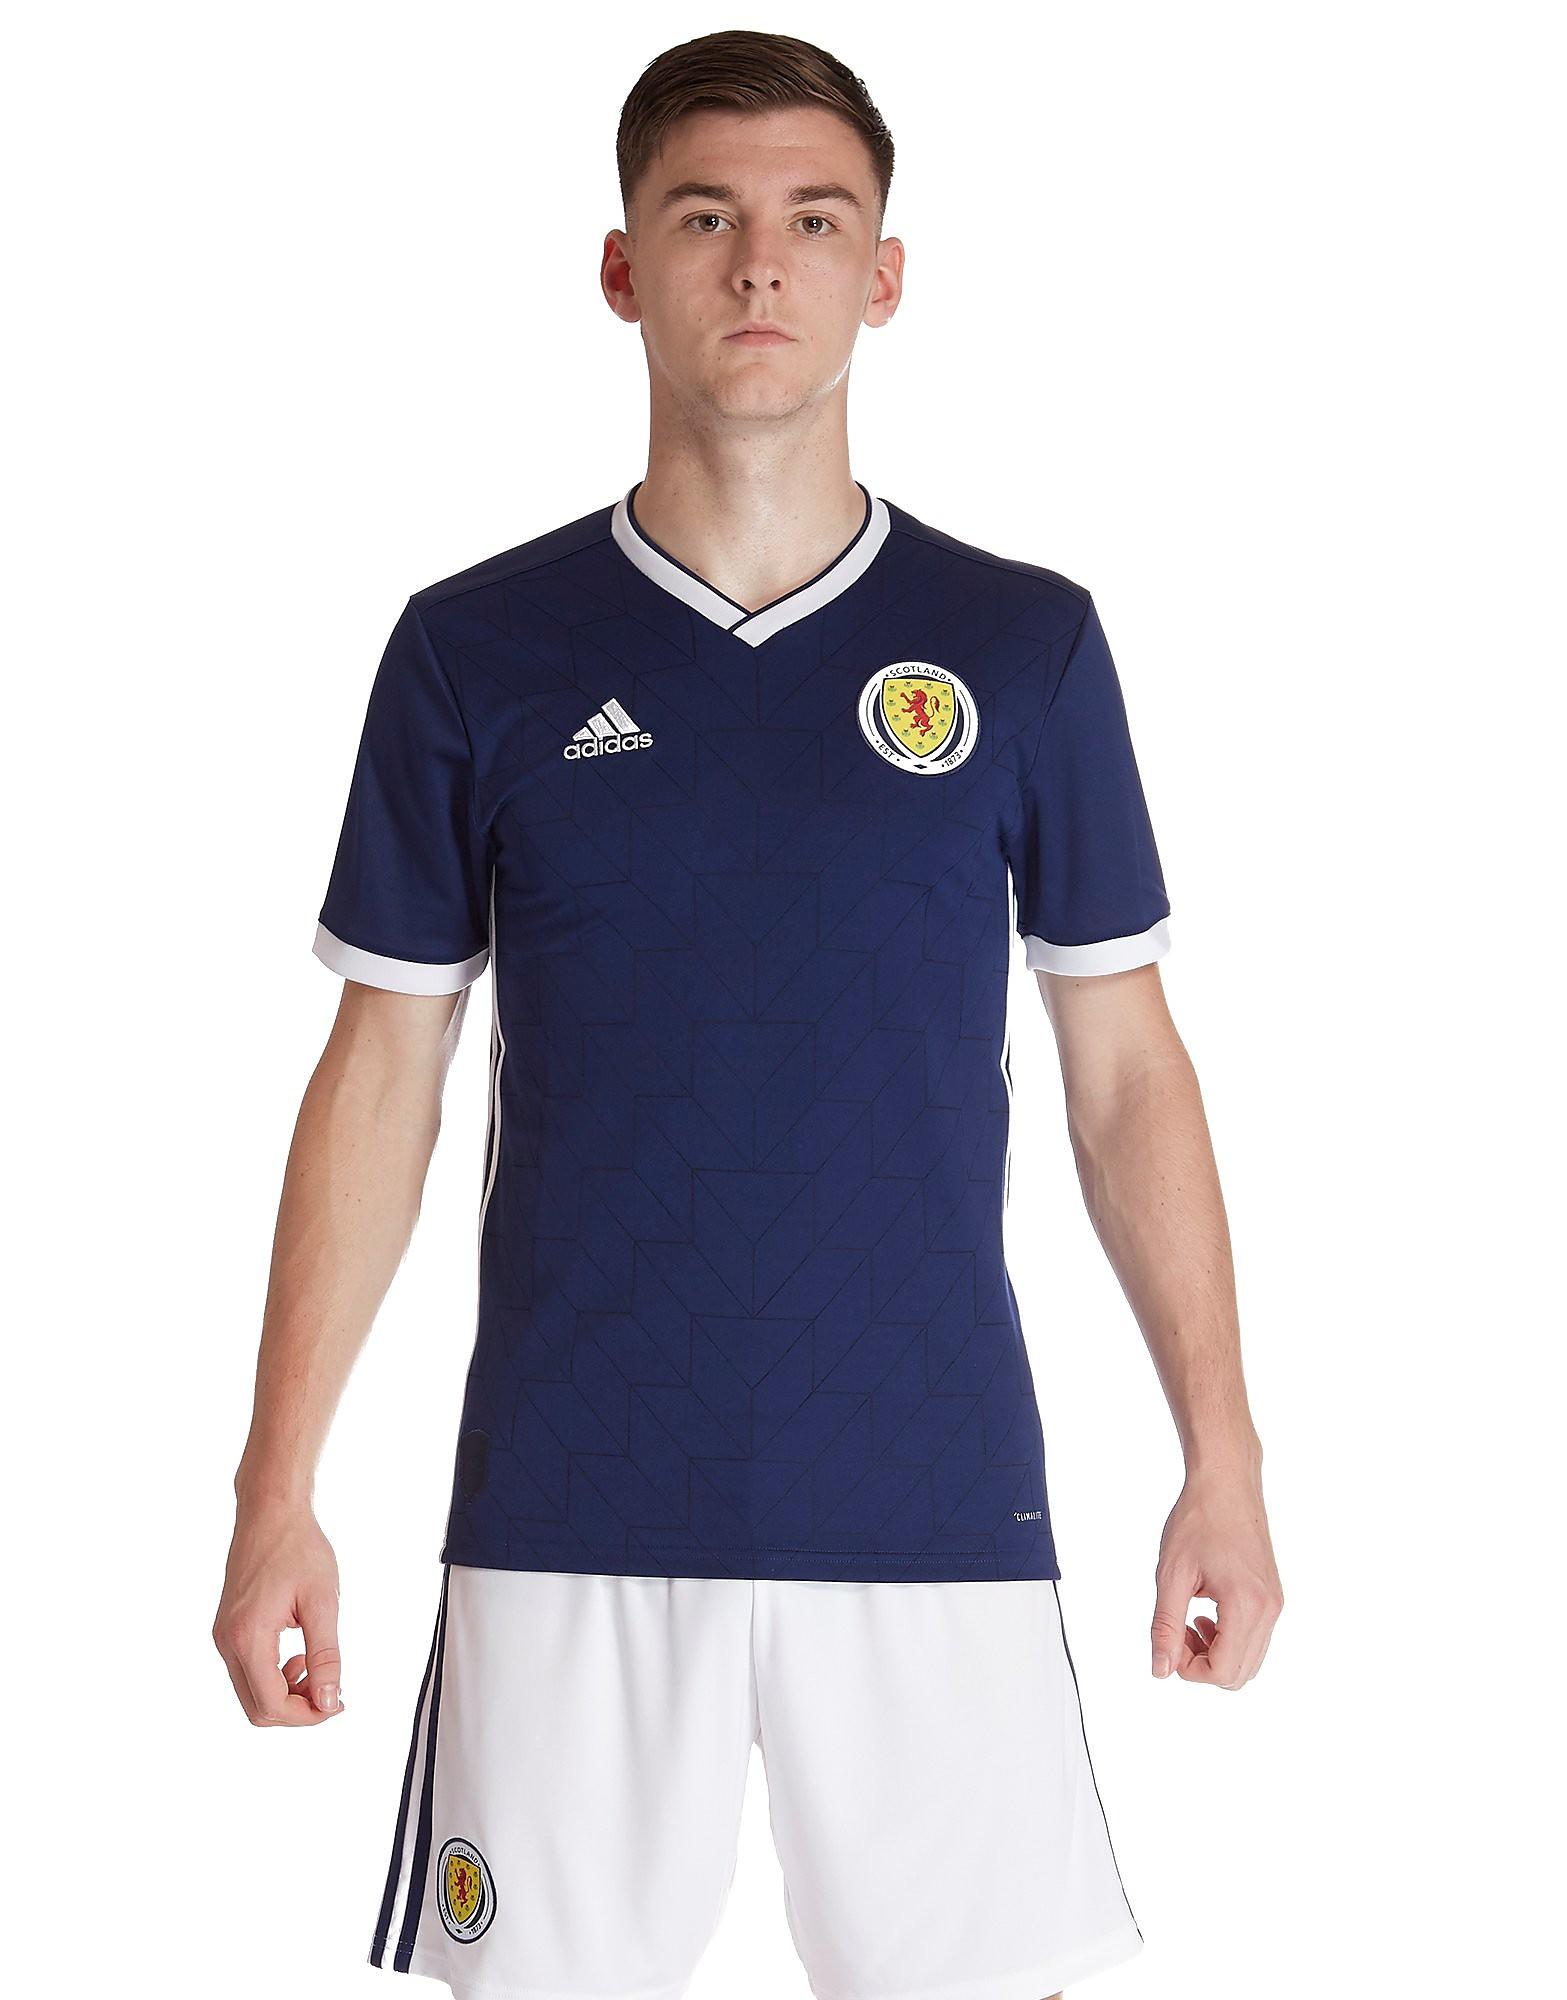 adidas Scotland 2018 Home Shirt PRE ORDER